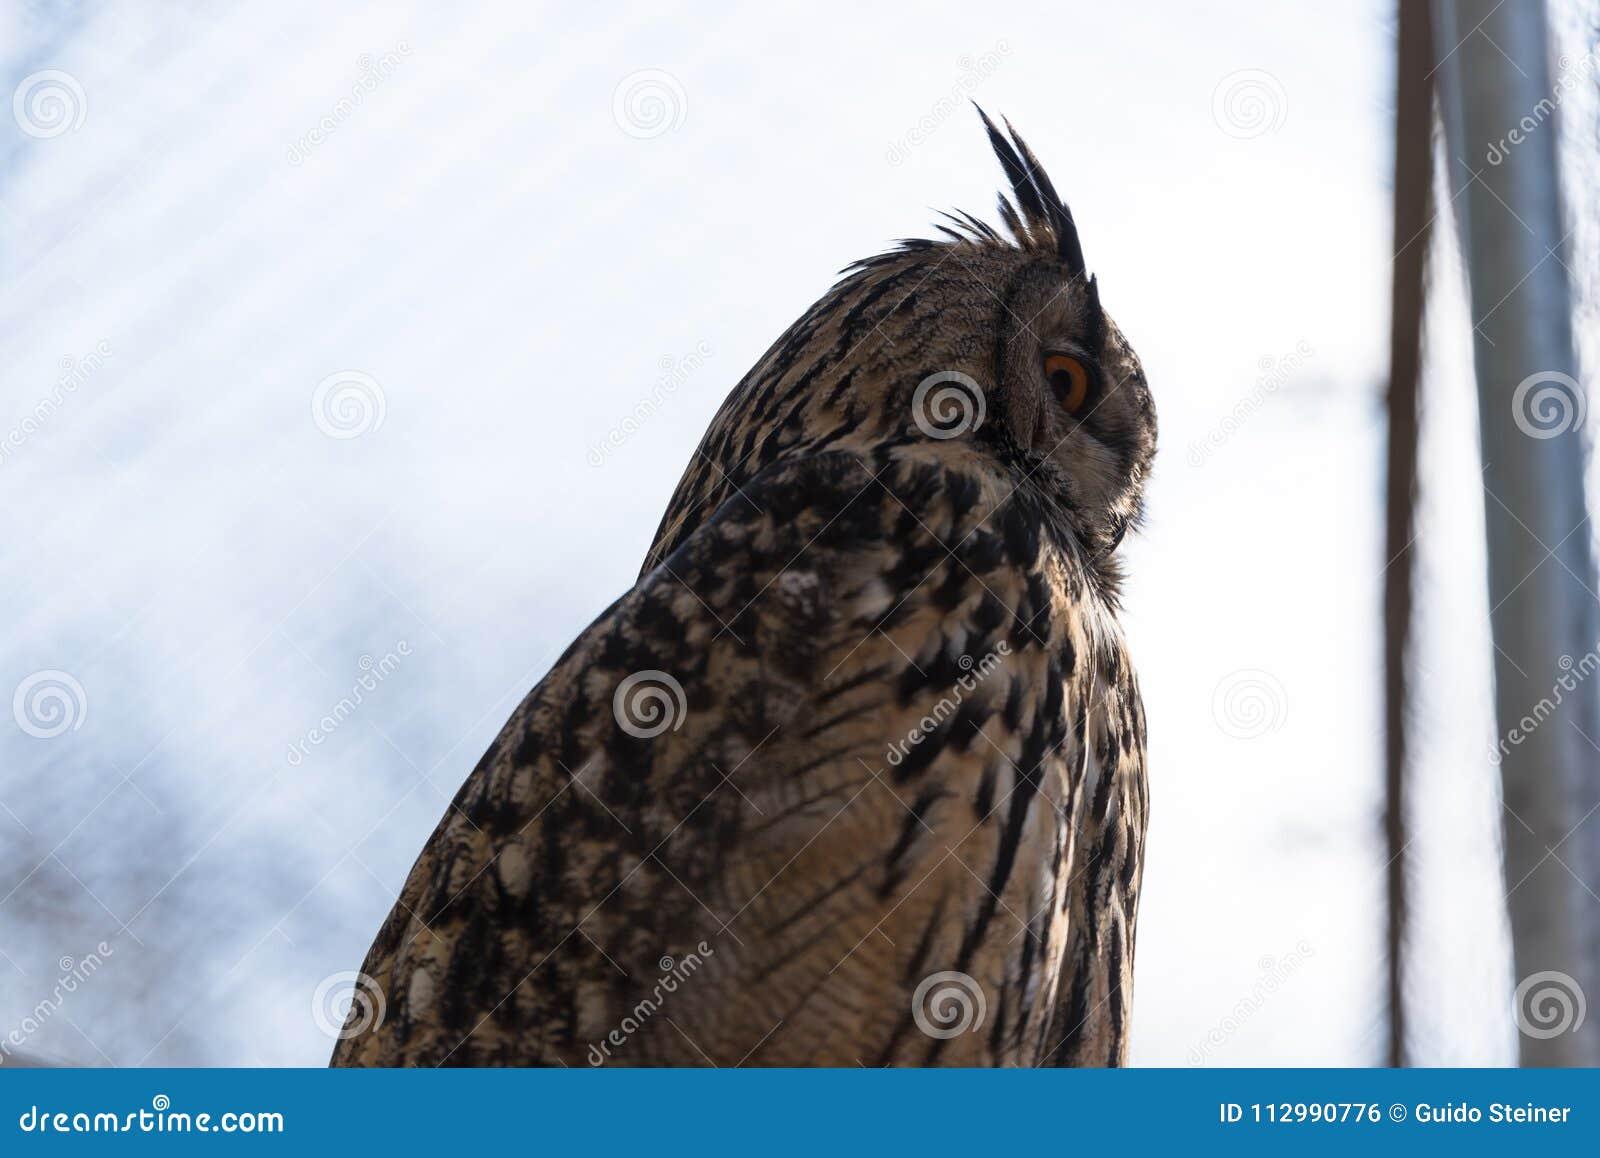 A eagle owl